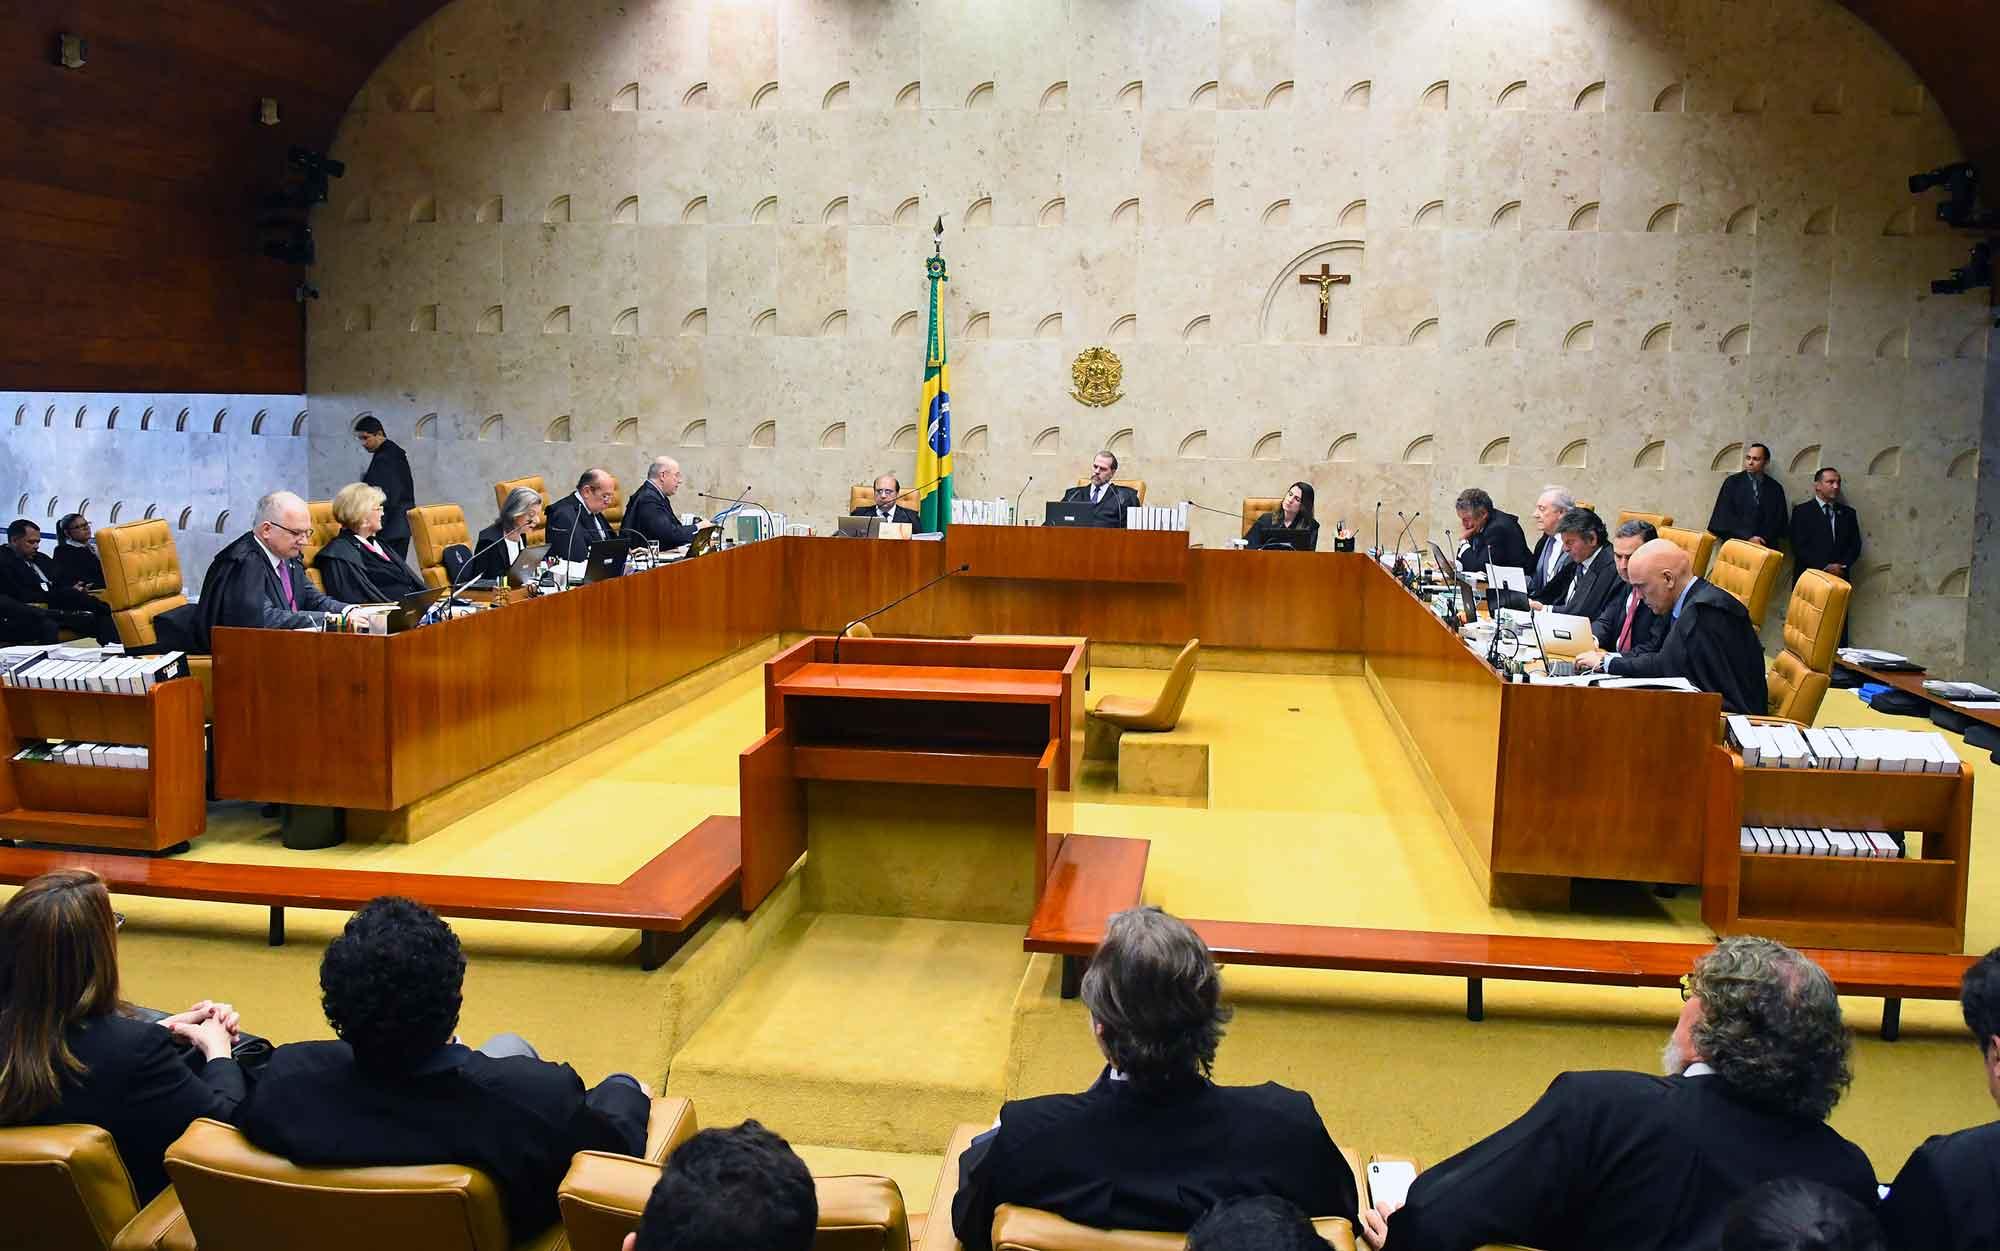 STF derruba decisão que permitia prisão apos condenação em segunda instância por 6 votos a 5 (foto; CARLOS ALVES MOURA)